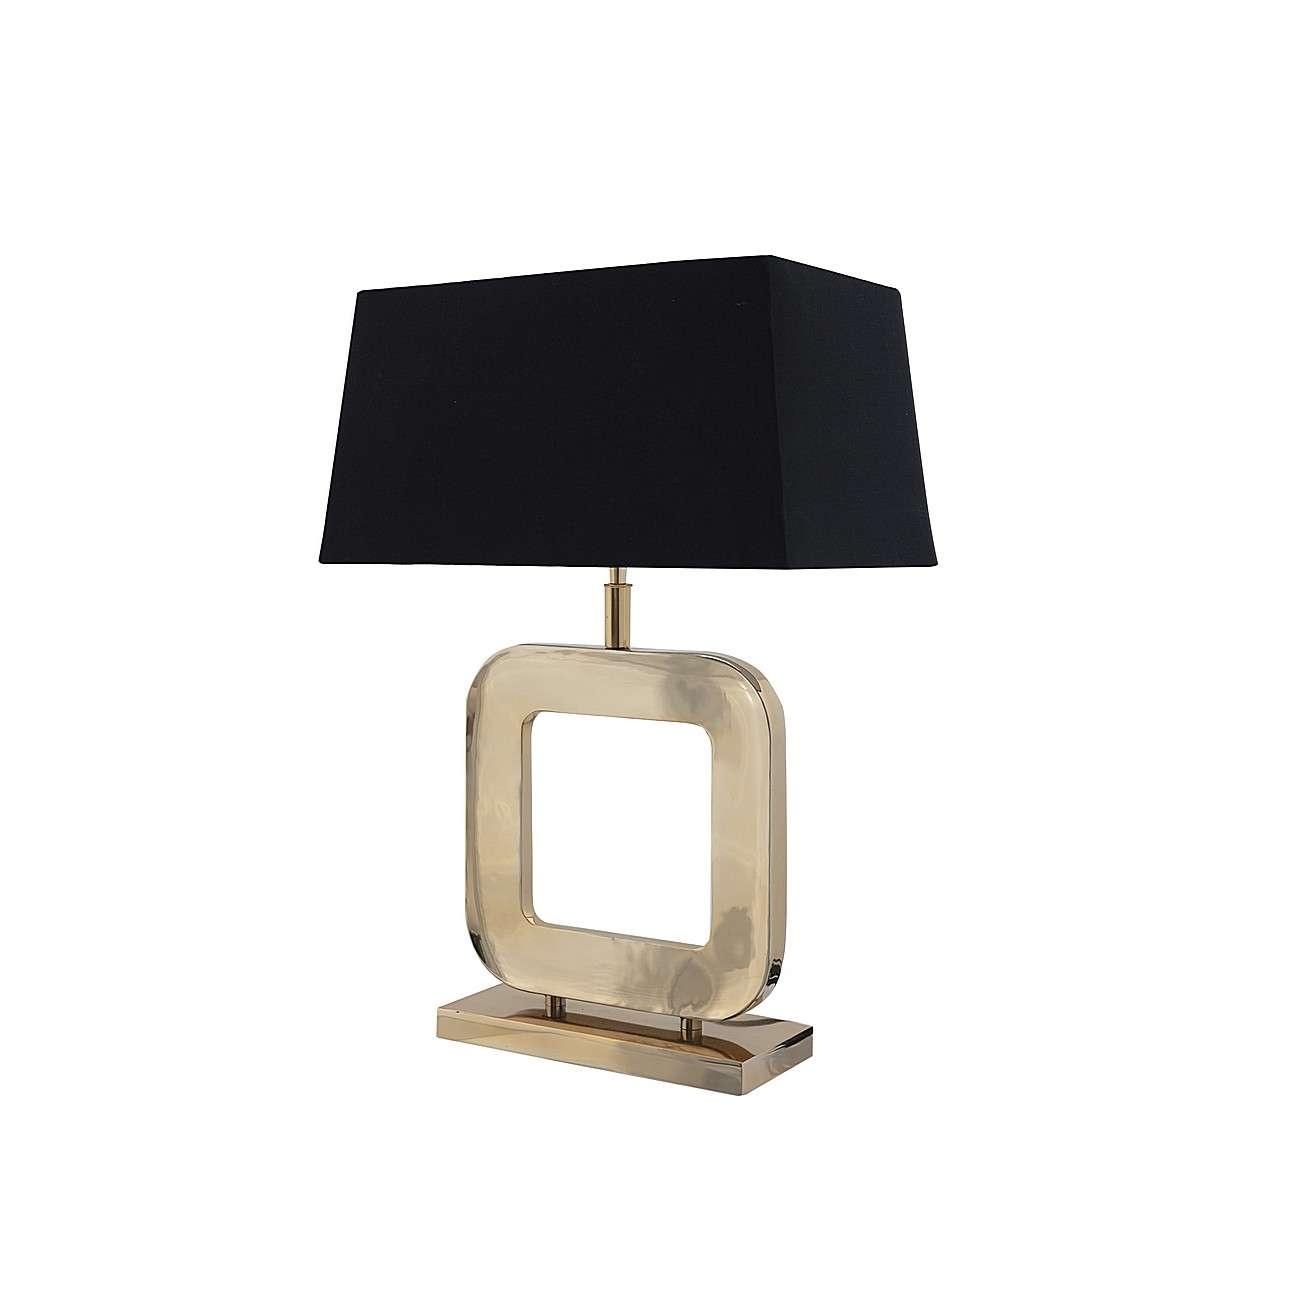 Vyšší stolní lampa Esperia Gold výška 65cm